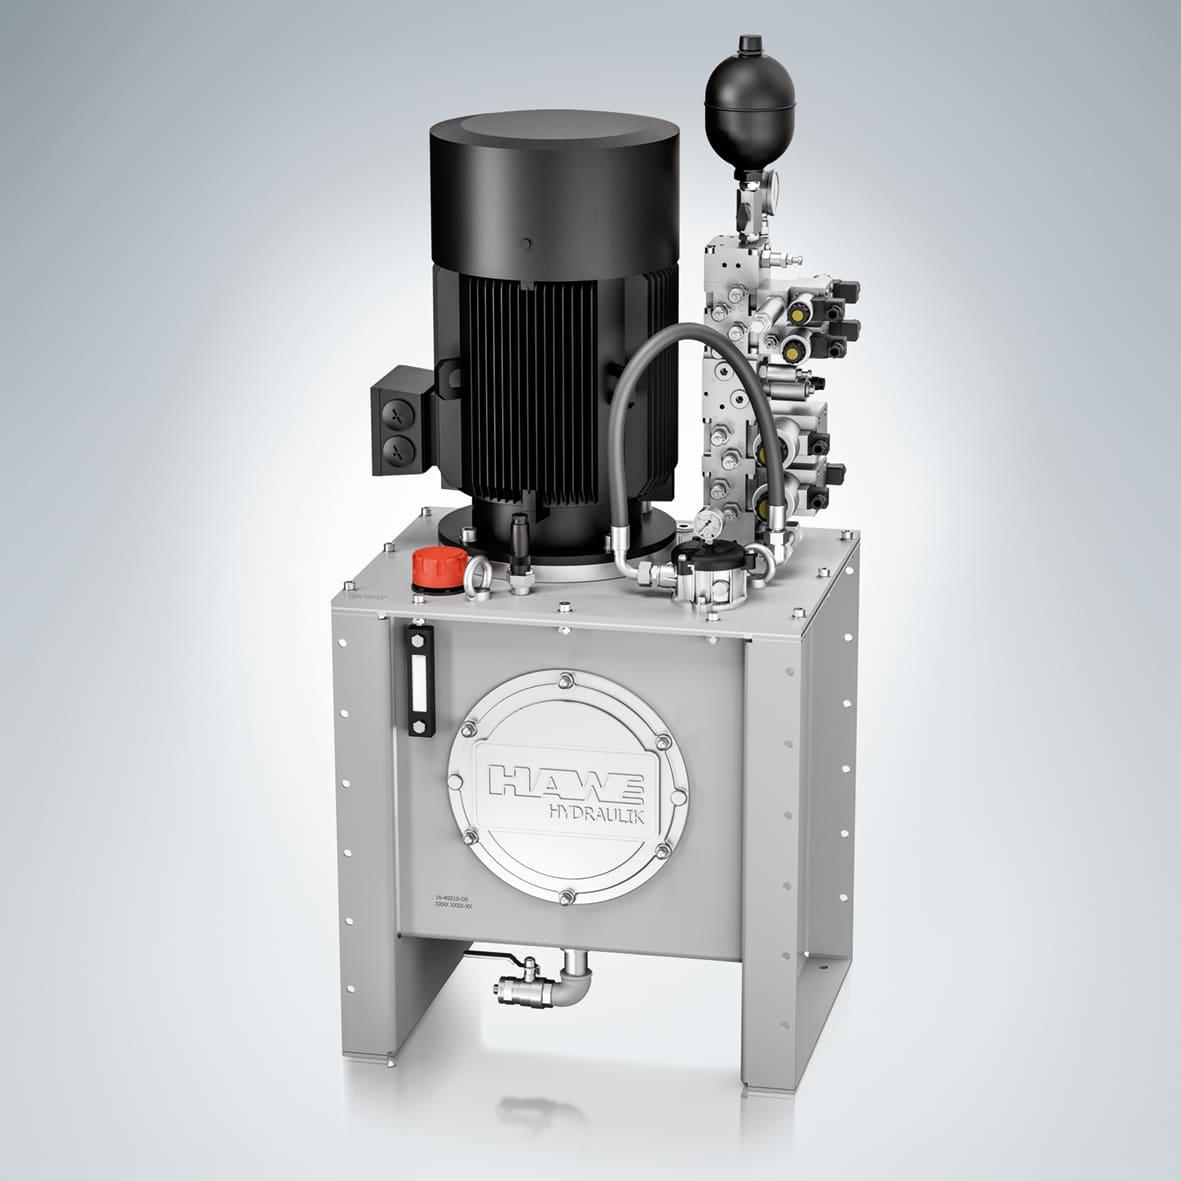 fxu 100l bng.rgb .100x100 - Zasilacze hydrauliczne serii FXU